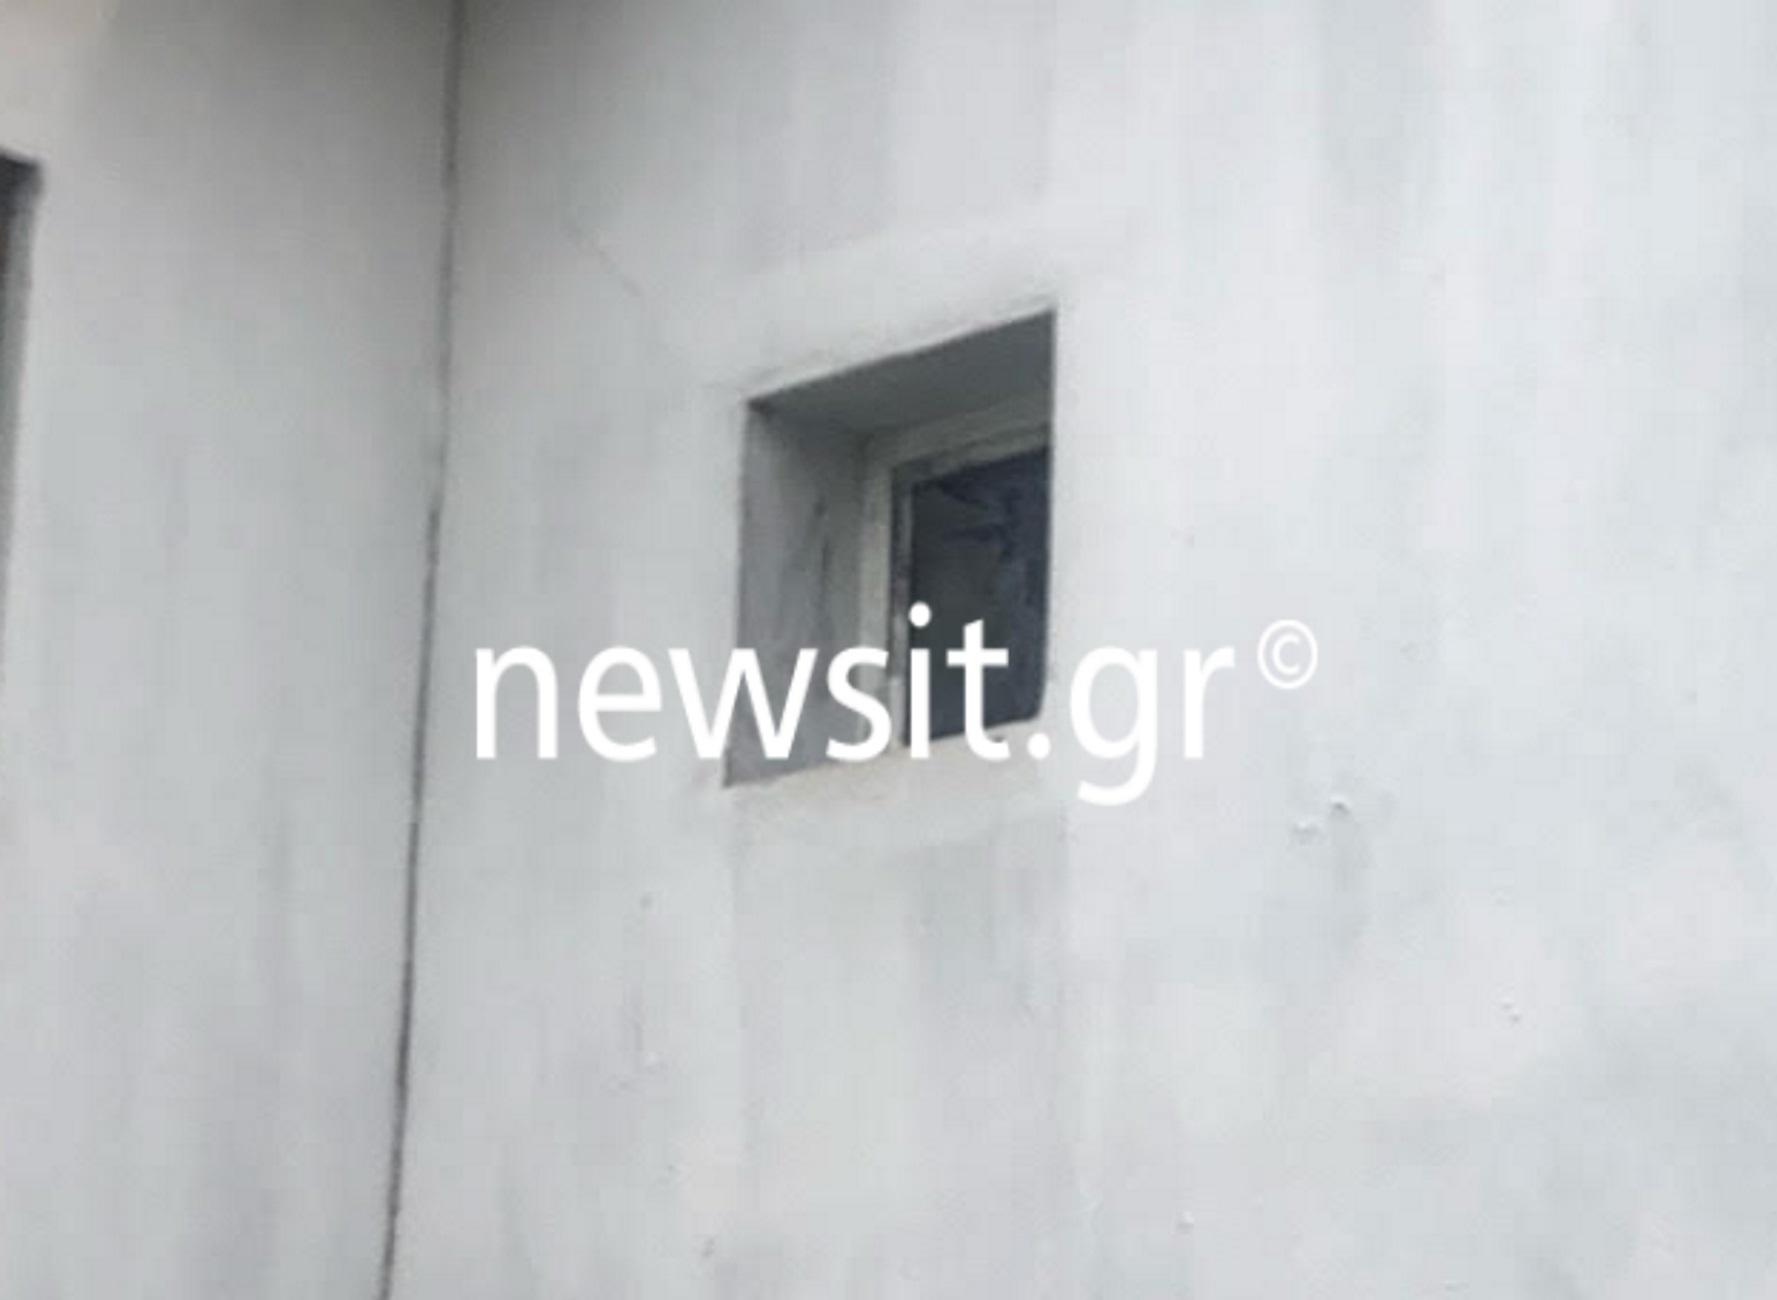 Θεσσαλονίκη: Μπήκε από αυτό το παράθυρο και την σκότωσε στο ξύλο – Αποκαλύψεις για το έγκλημα